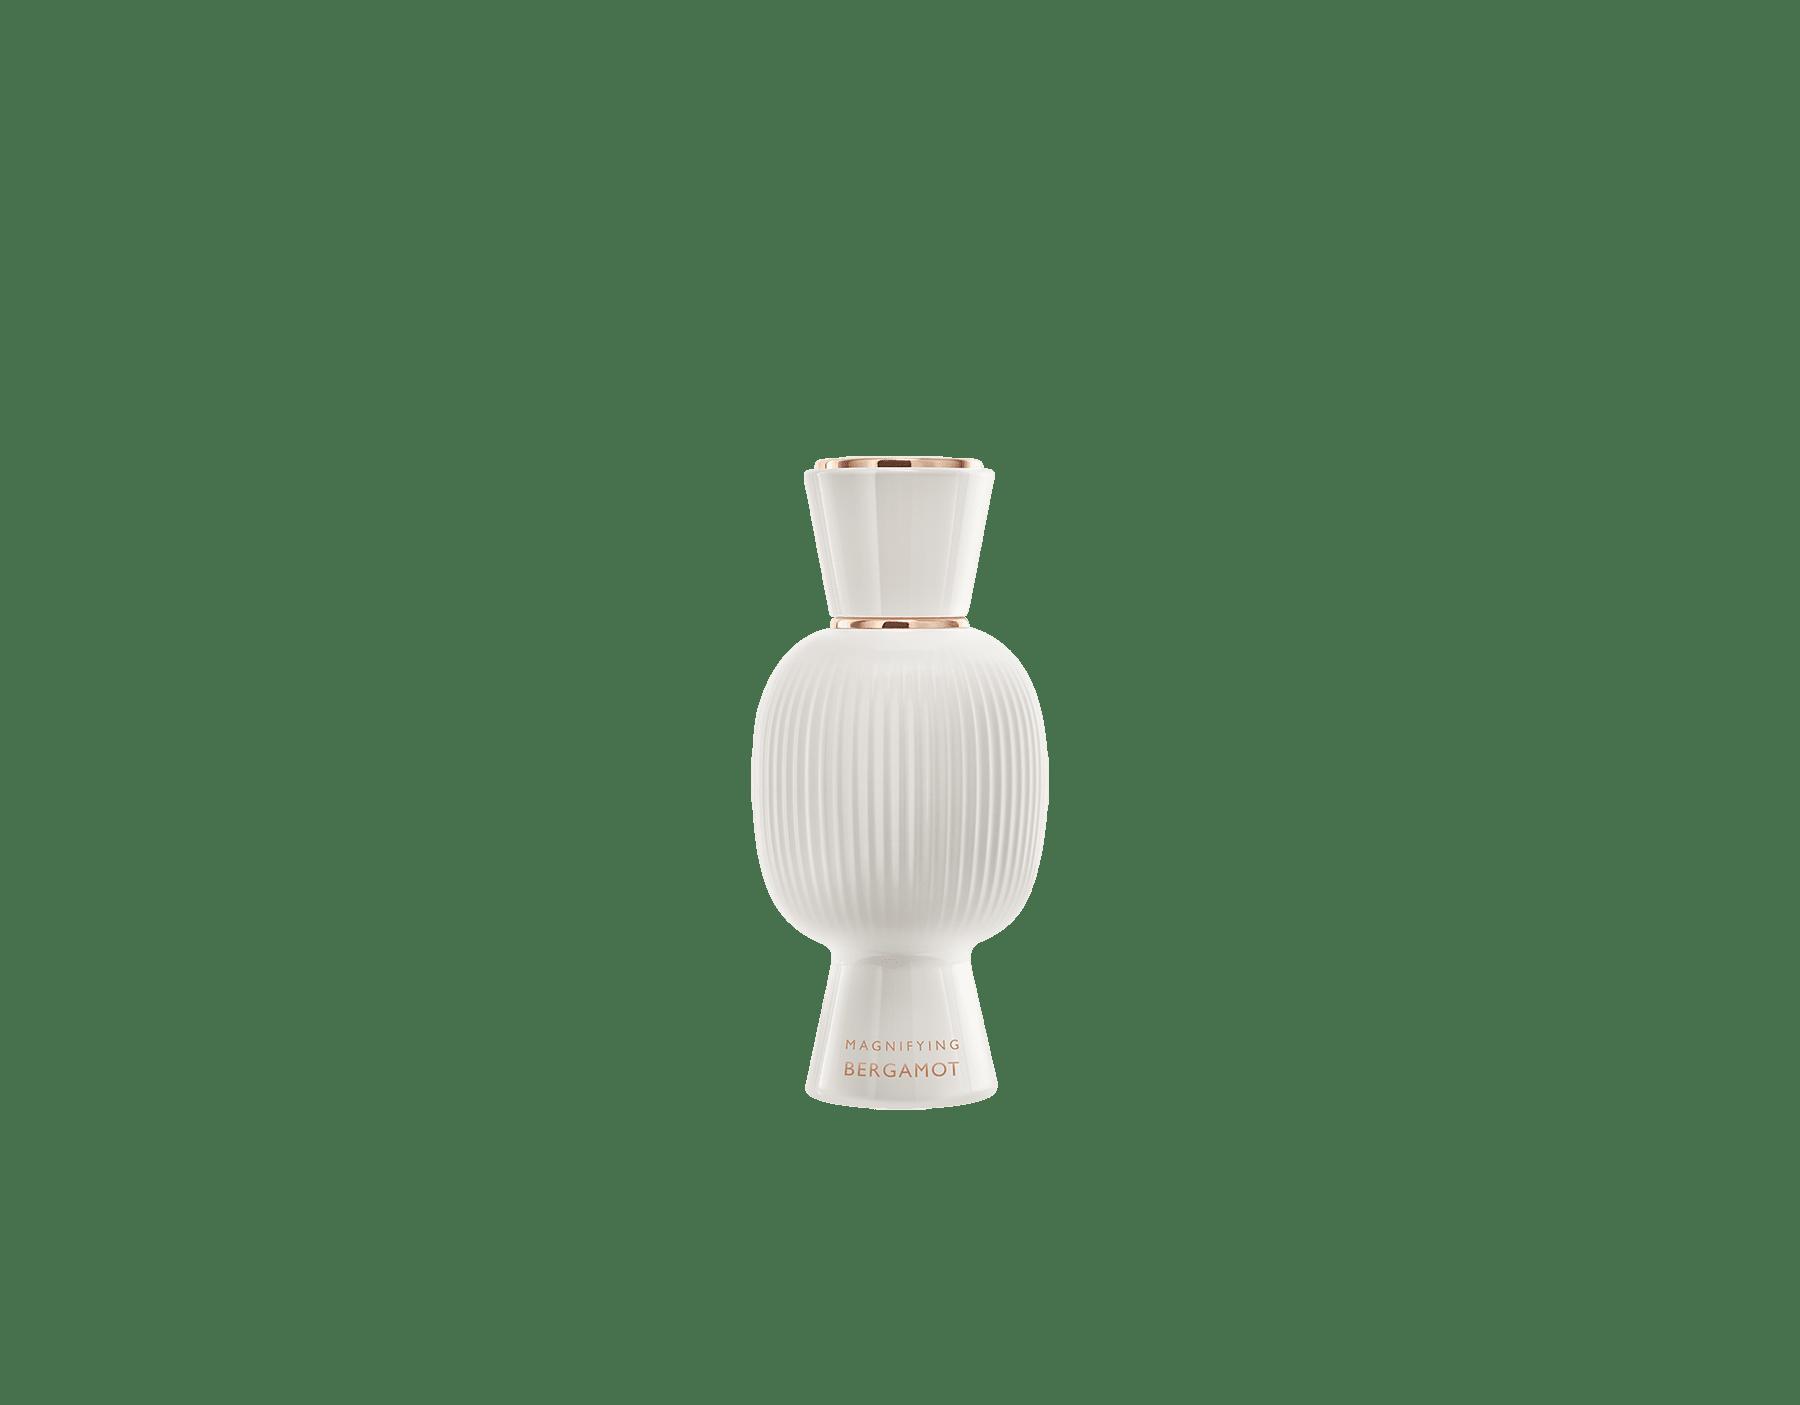 Un coffret de parfums exclusif, aussi unique et audacieux que vous. Magnifique et florale, l'Eau de Parfum Allegra Fiori d'Amore se mêle à la fraîcheur joyeuse de l'essence du Magnifying Bergamot pour donner vie à une irrésistible fragrance personnalisée. Perfume-Set-Fiori-d-Amore-Eau-de-Parfum-and-Bergamot-Magnifying image 3